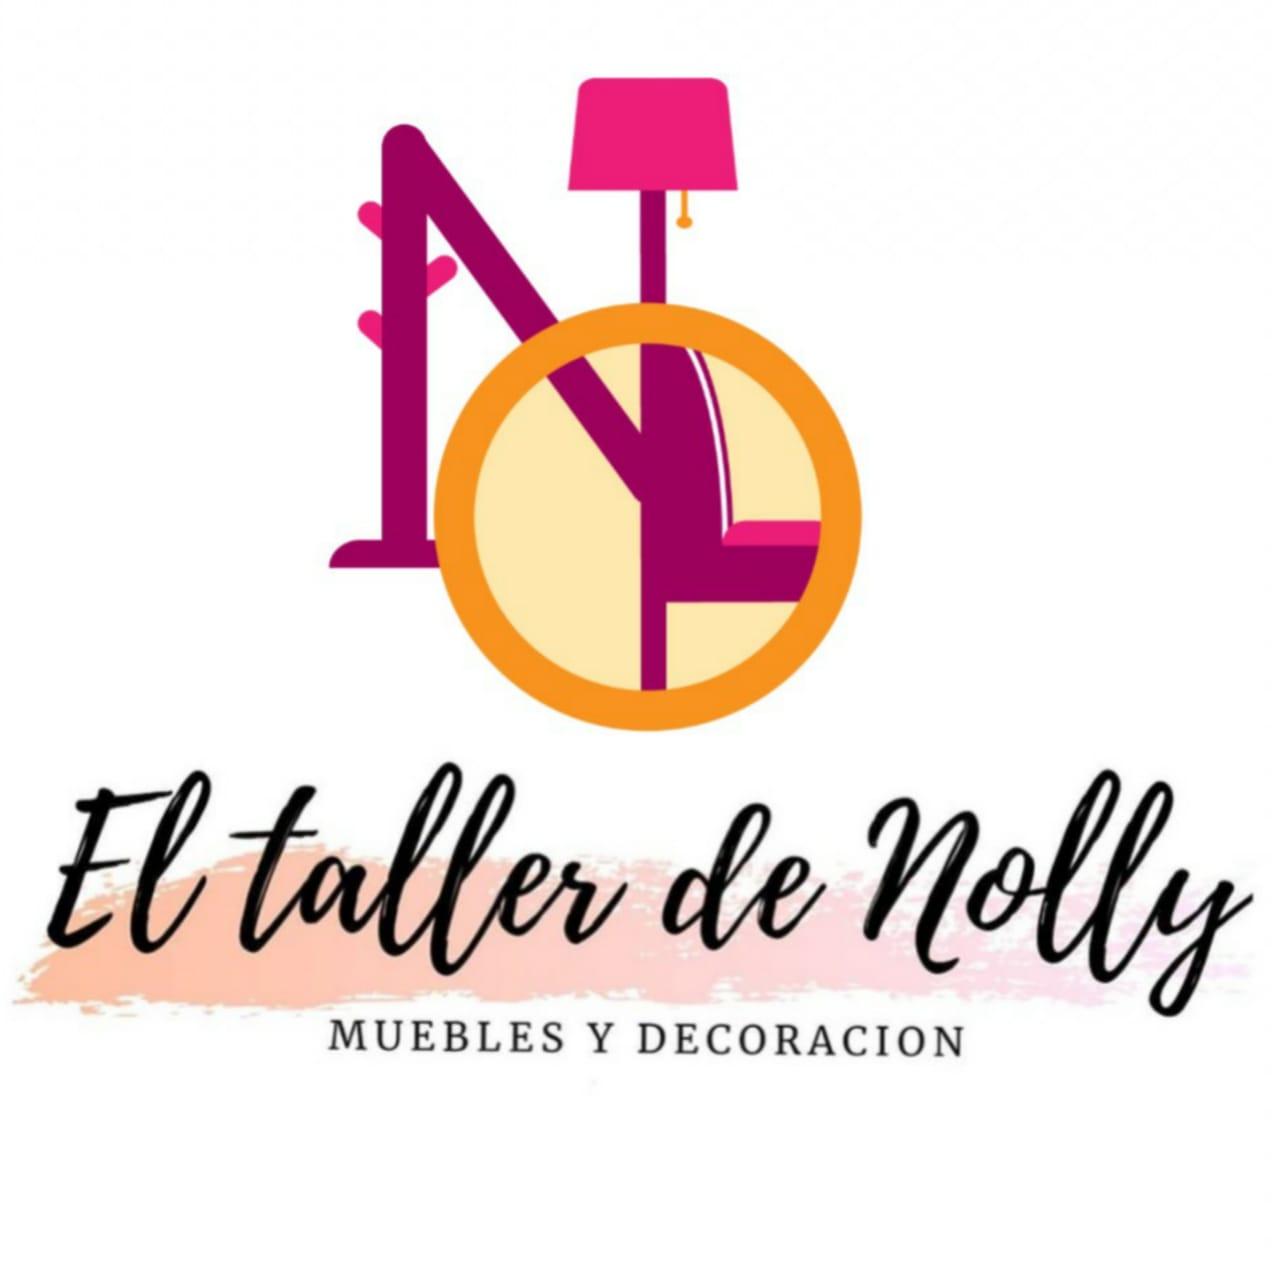 El Taller de Nolly